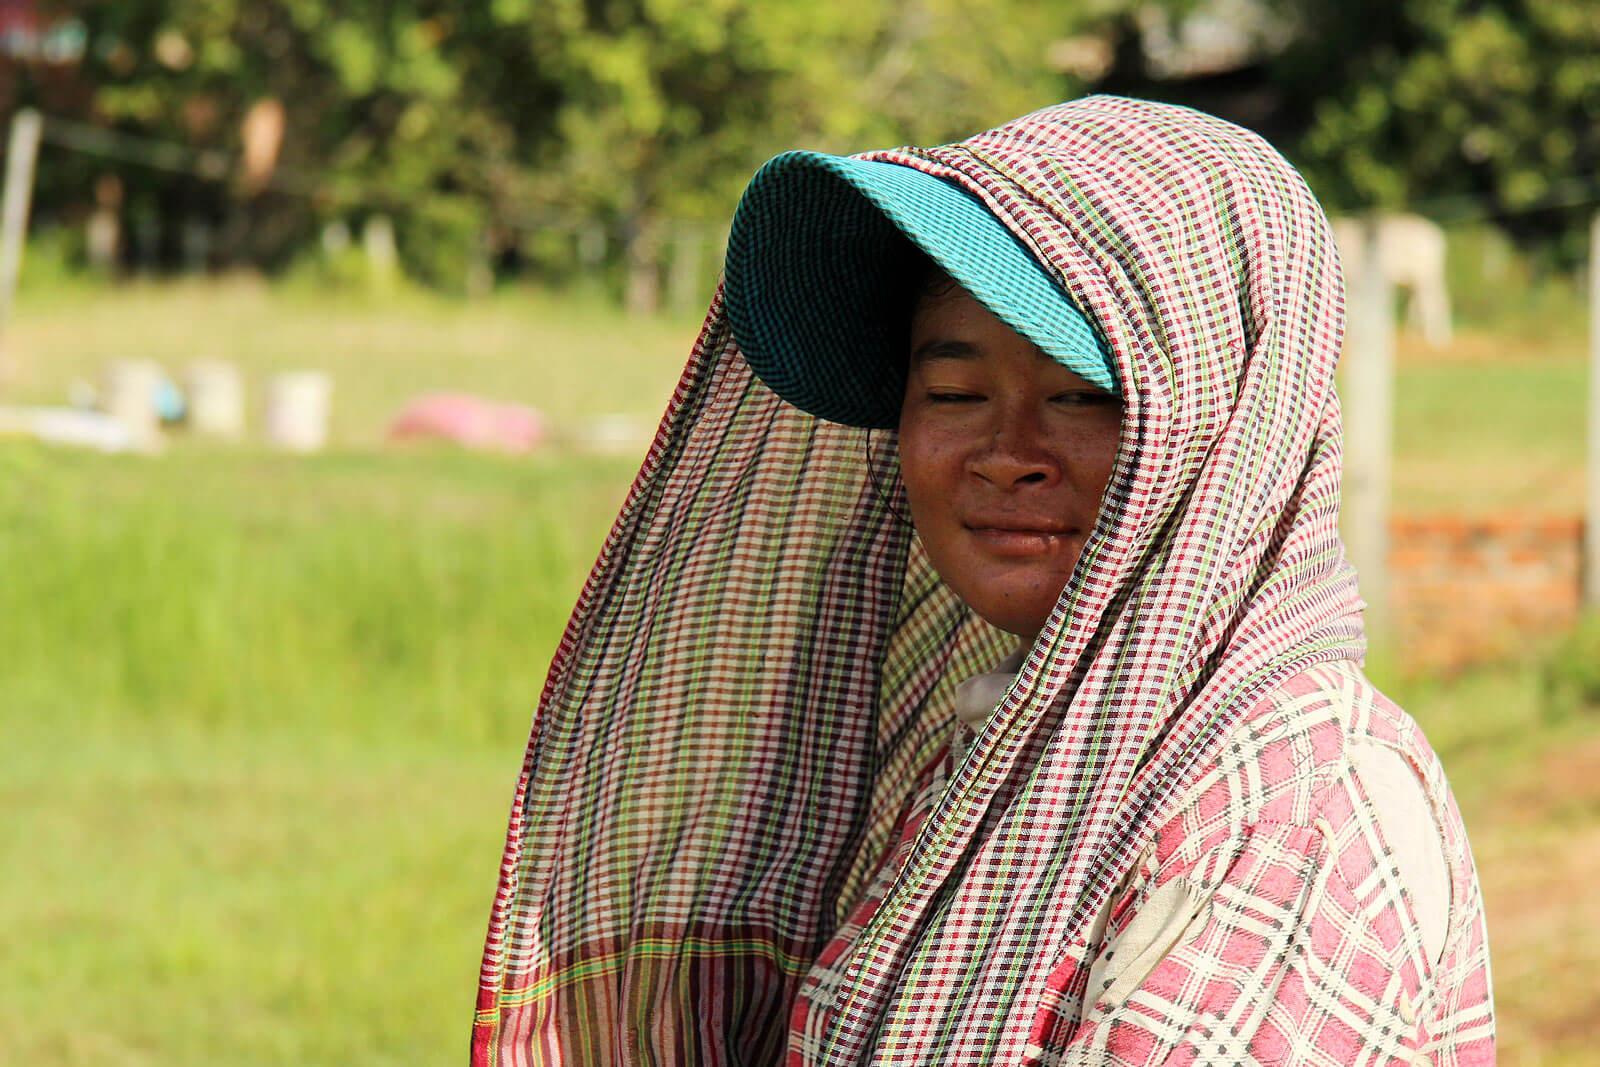 cambodia-smile-duck-farmer